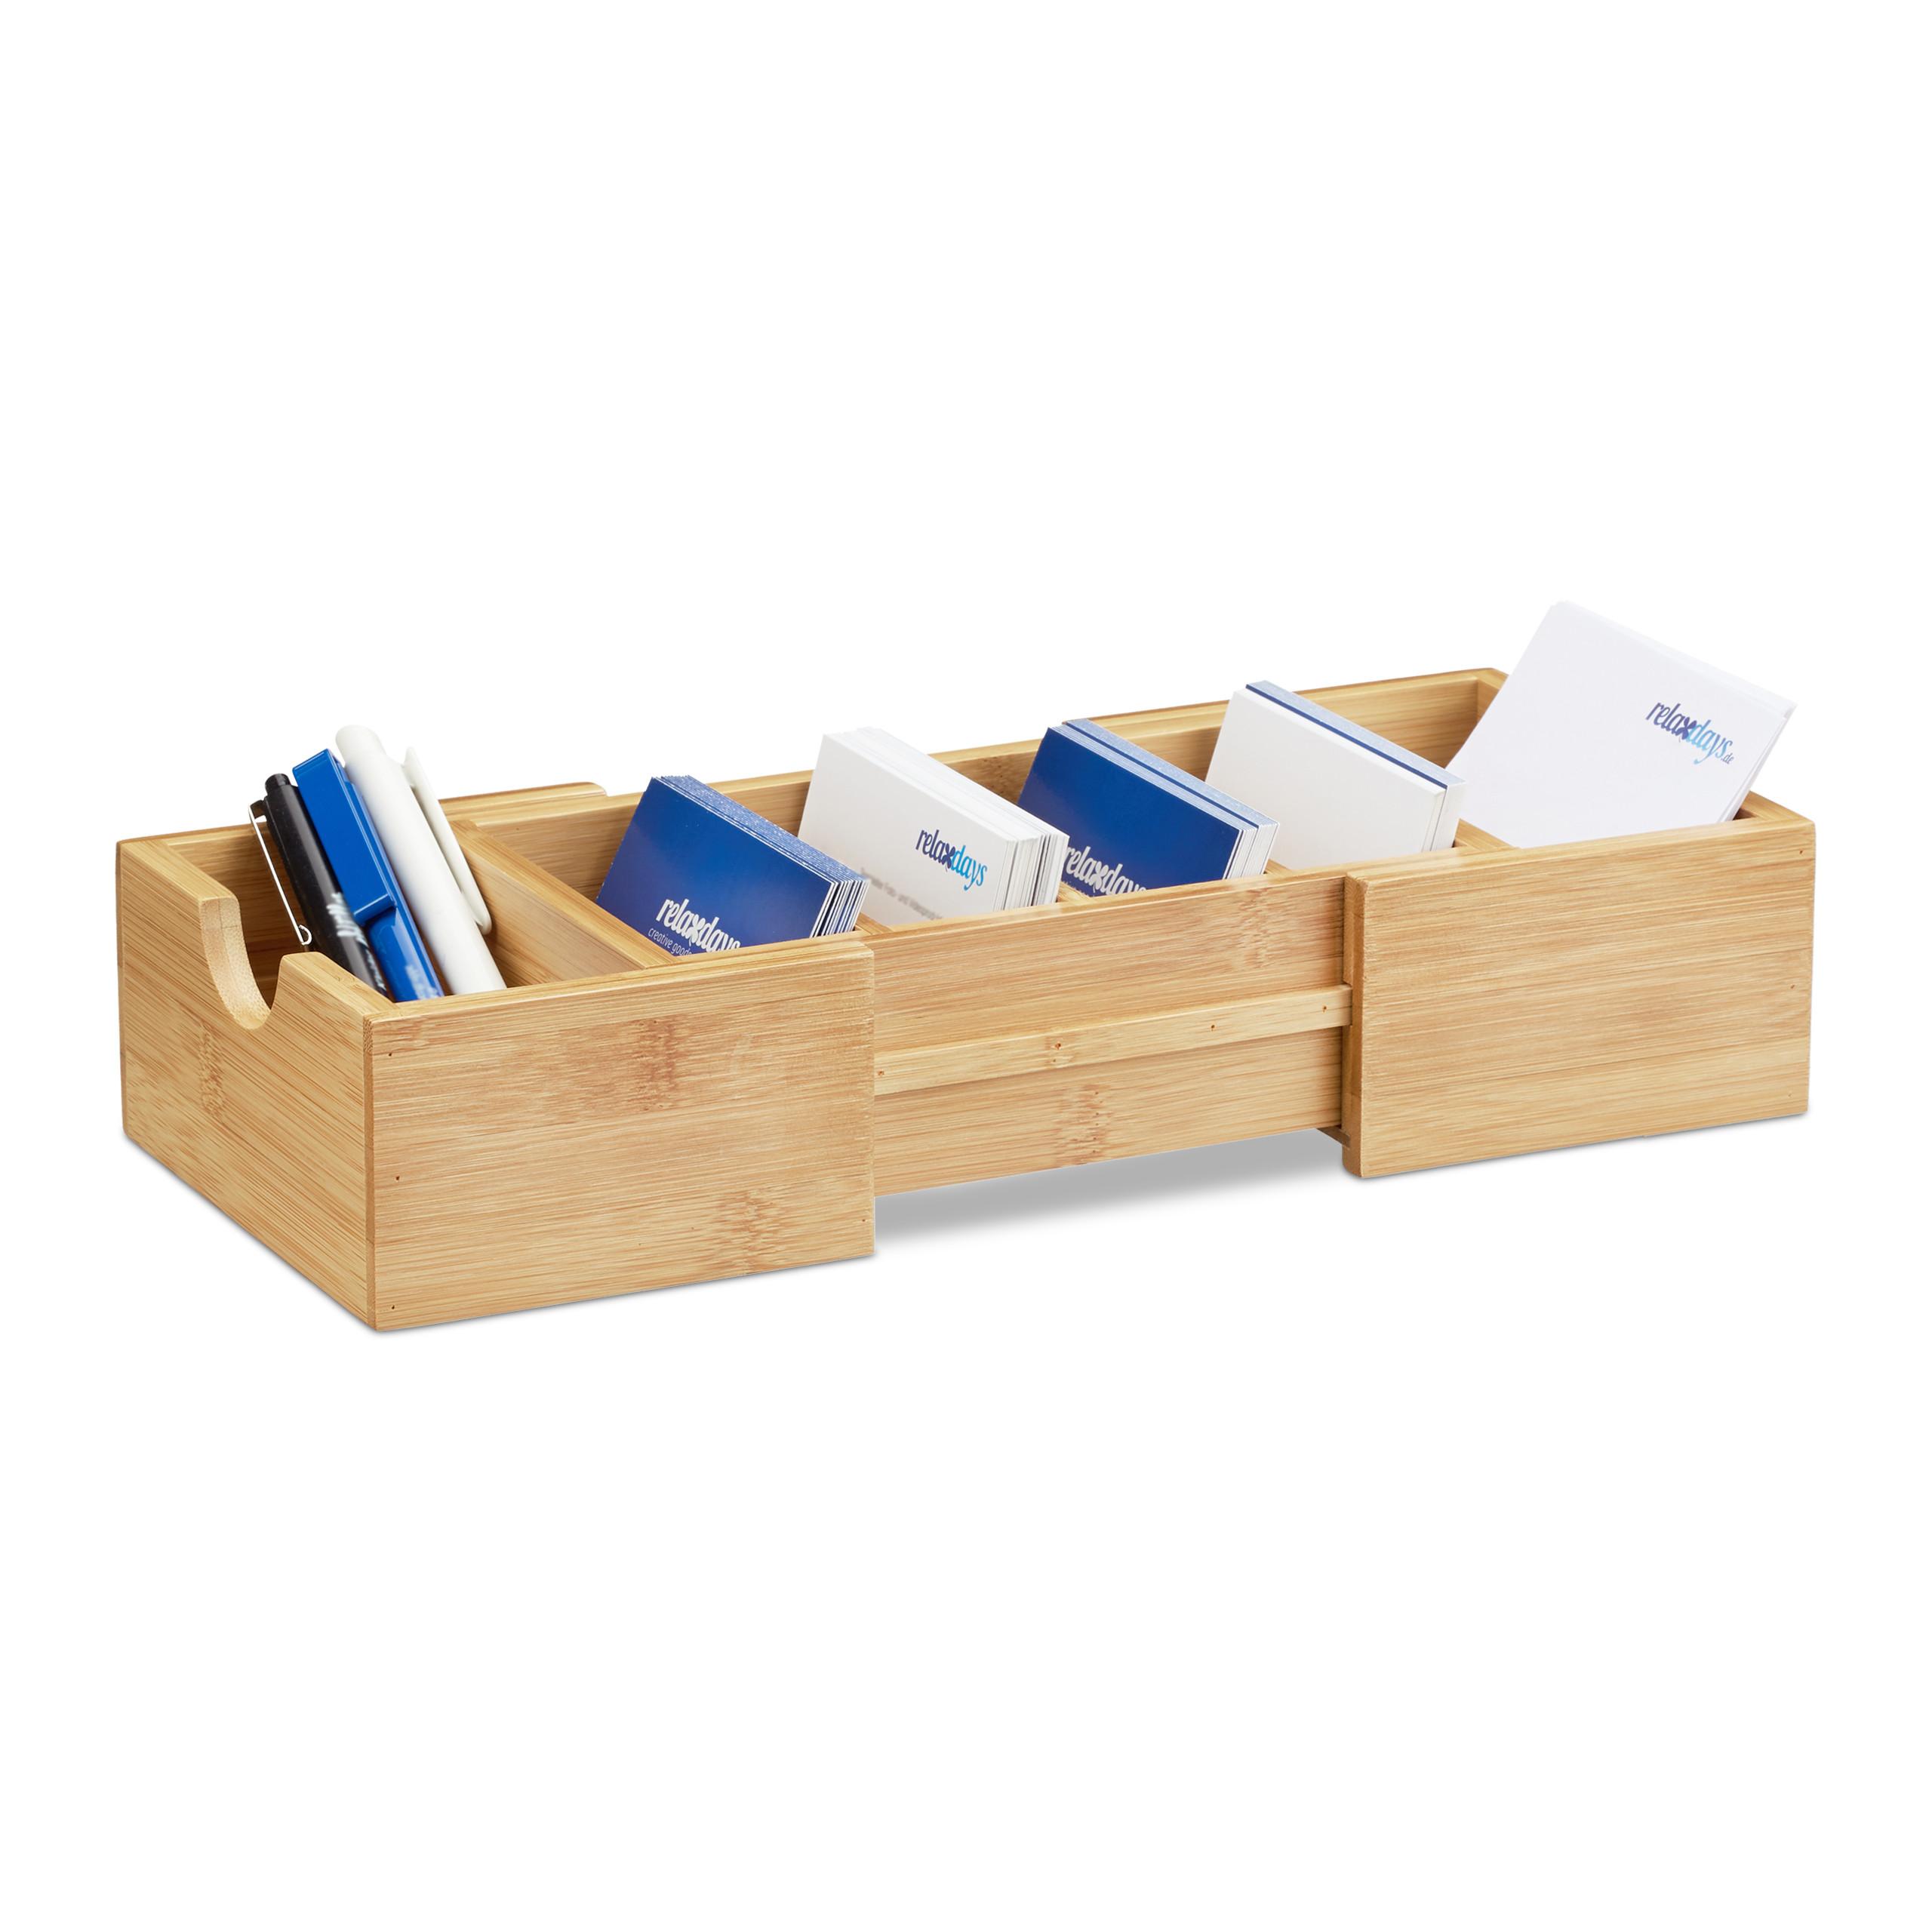 Karteikasten-DIN-A8-Holz-natuerlich-Karteikartensystem-Lernbox-Visitenkartenbox